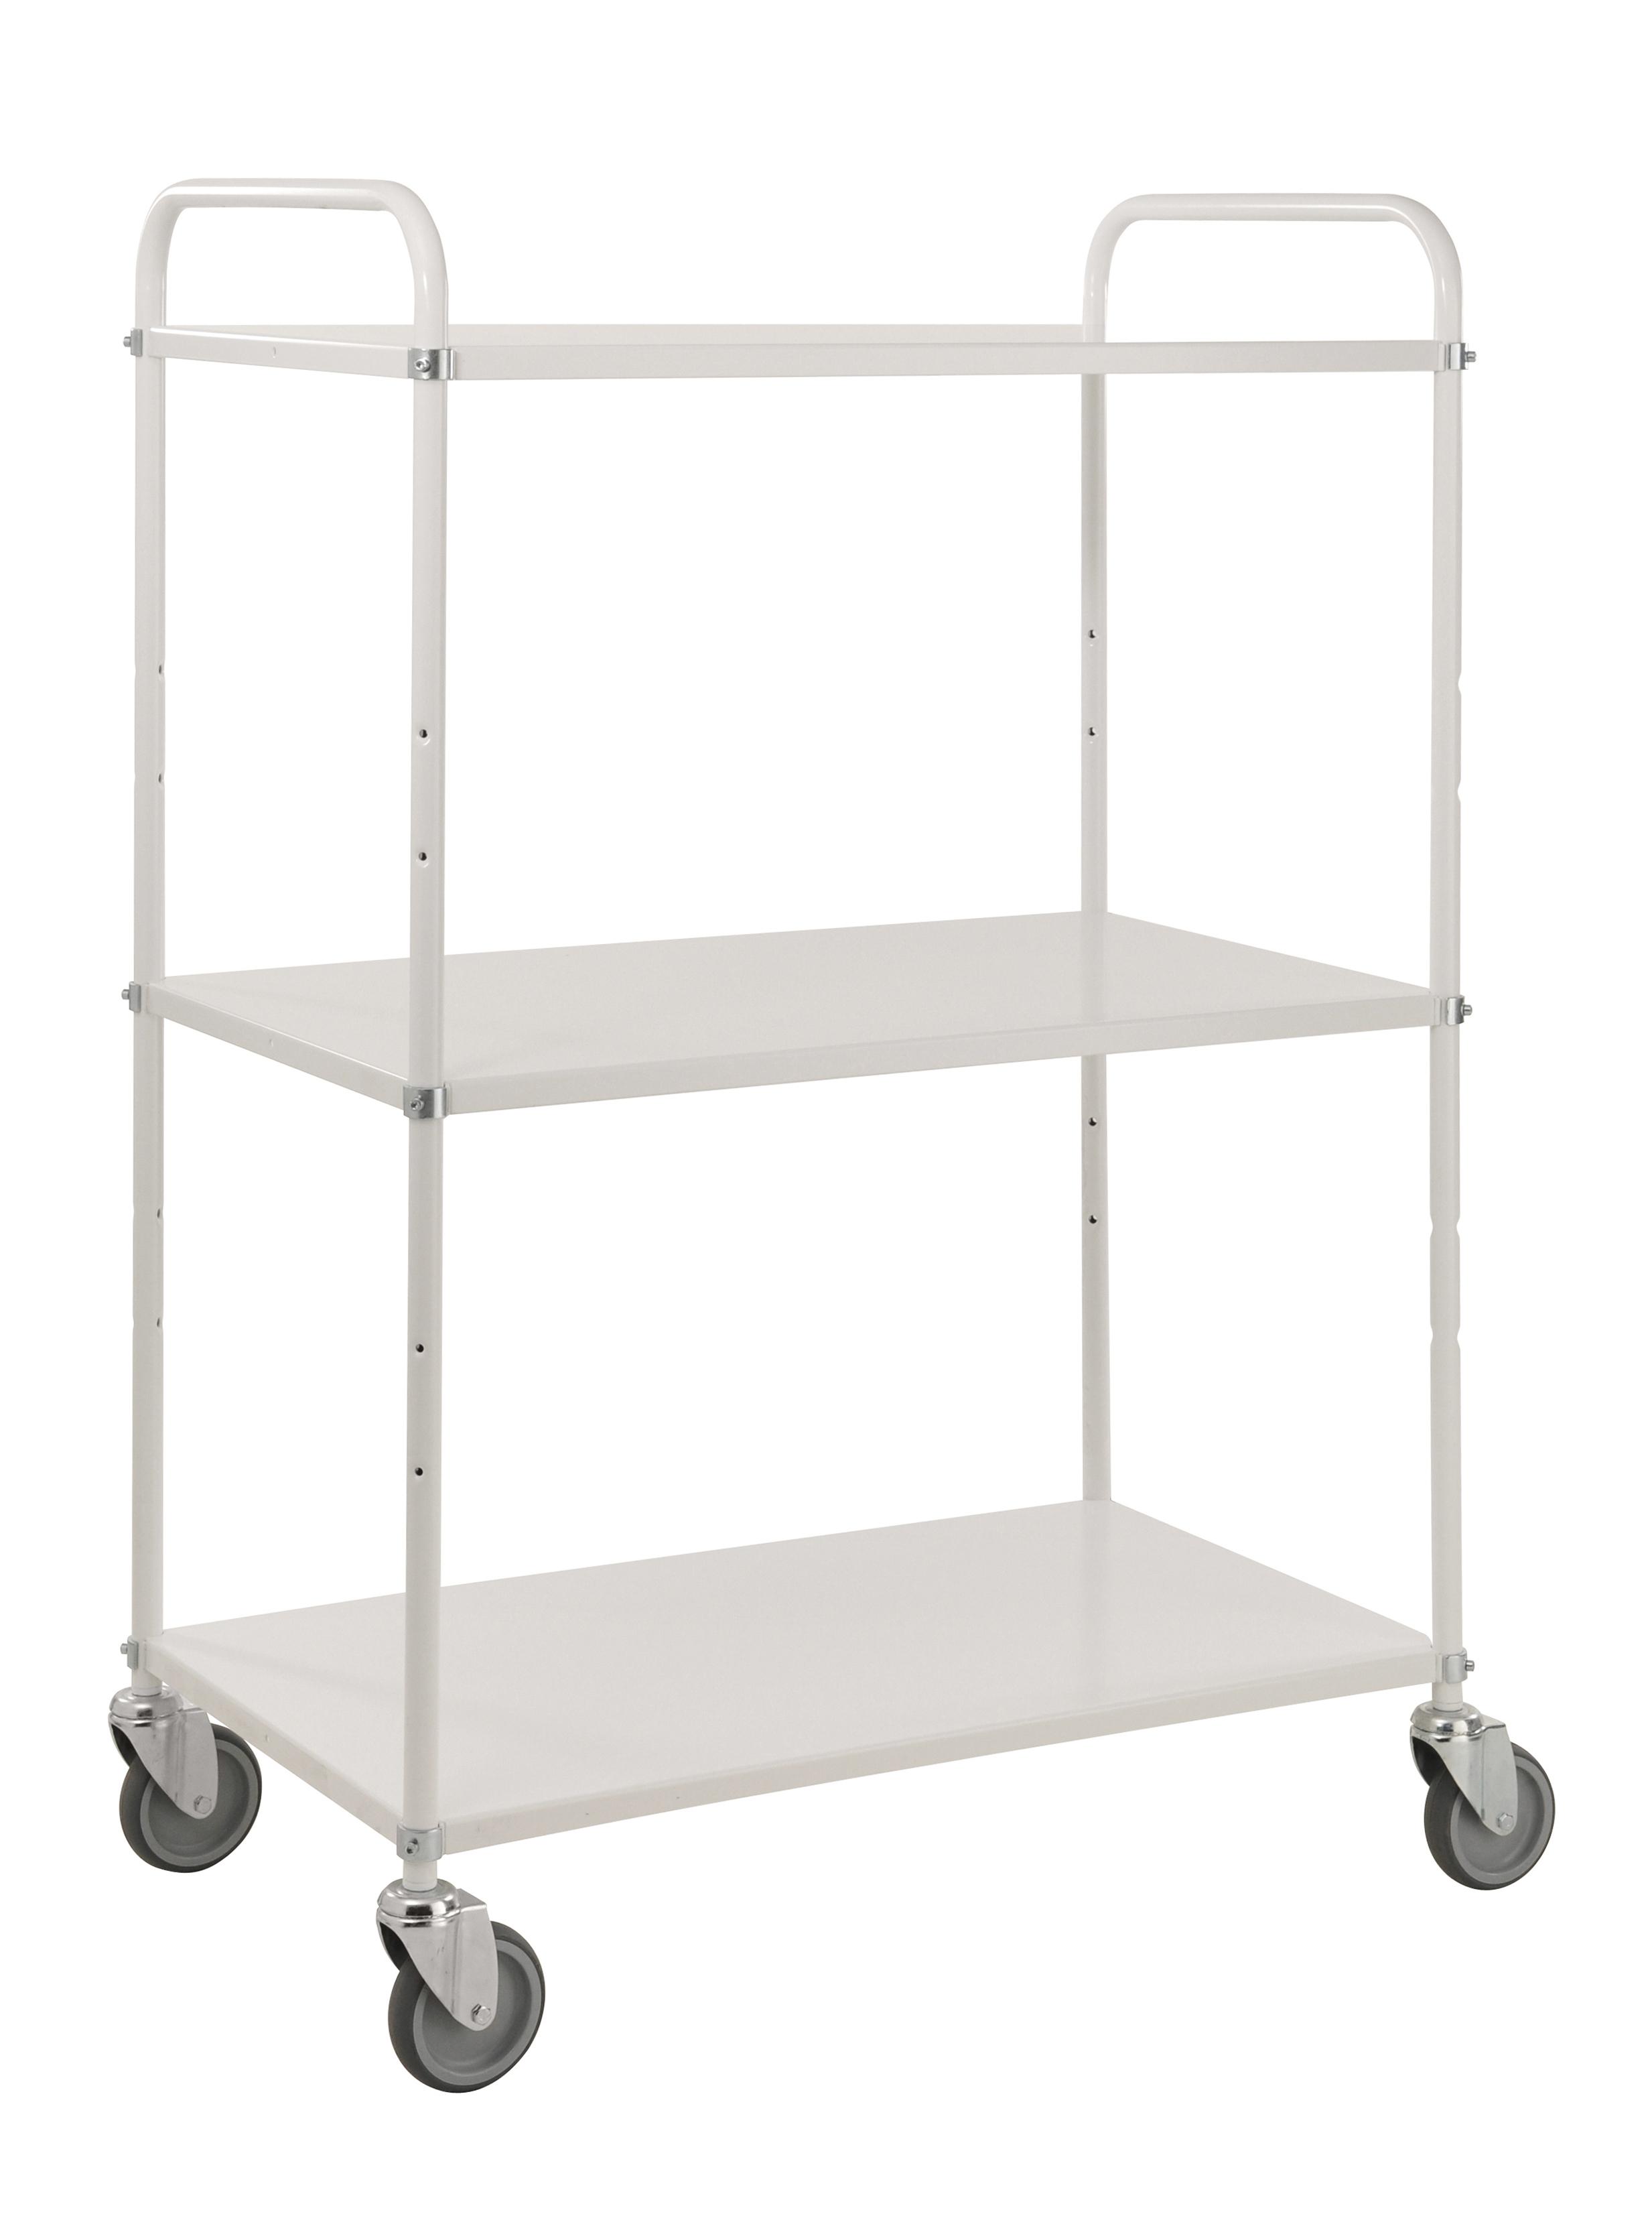 KM4123   Light shelf trolley